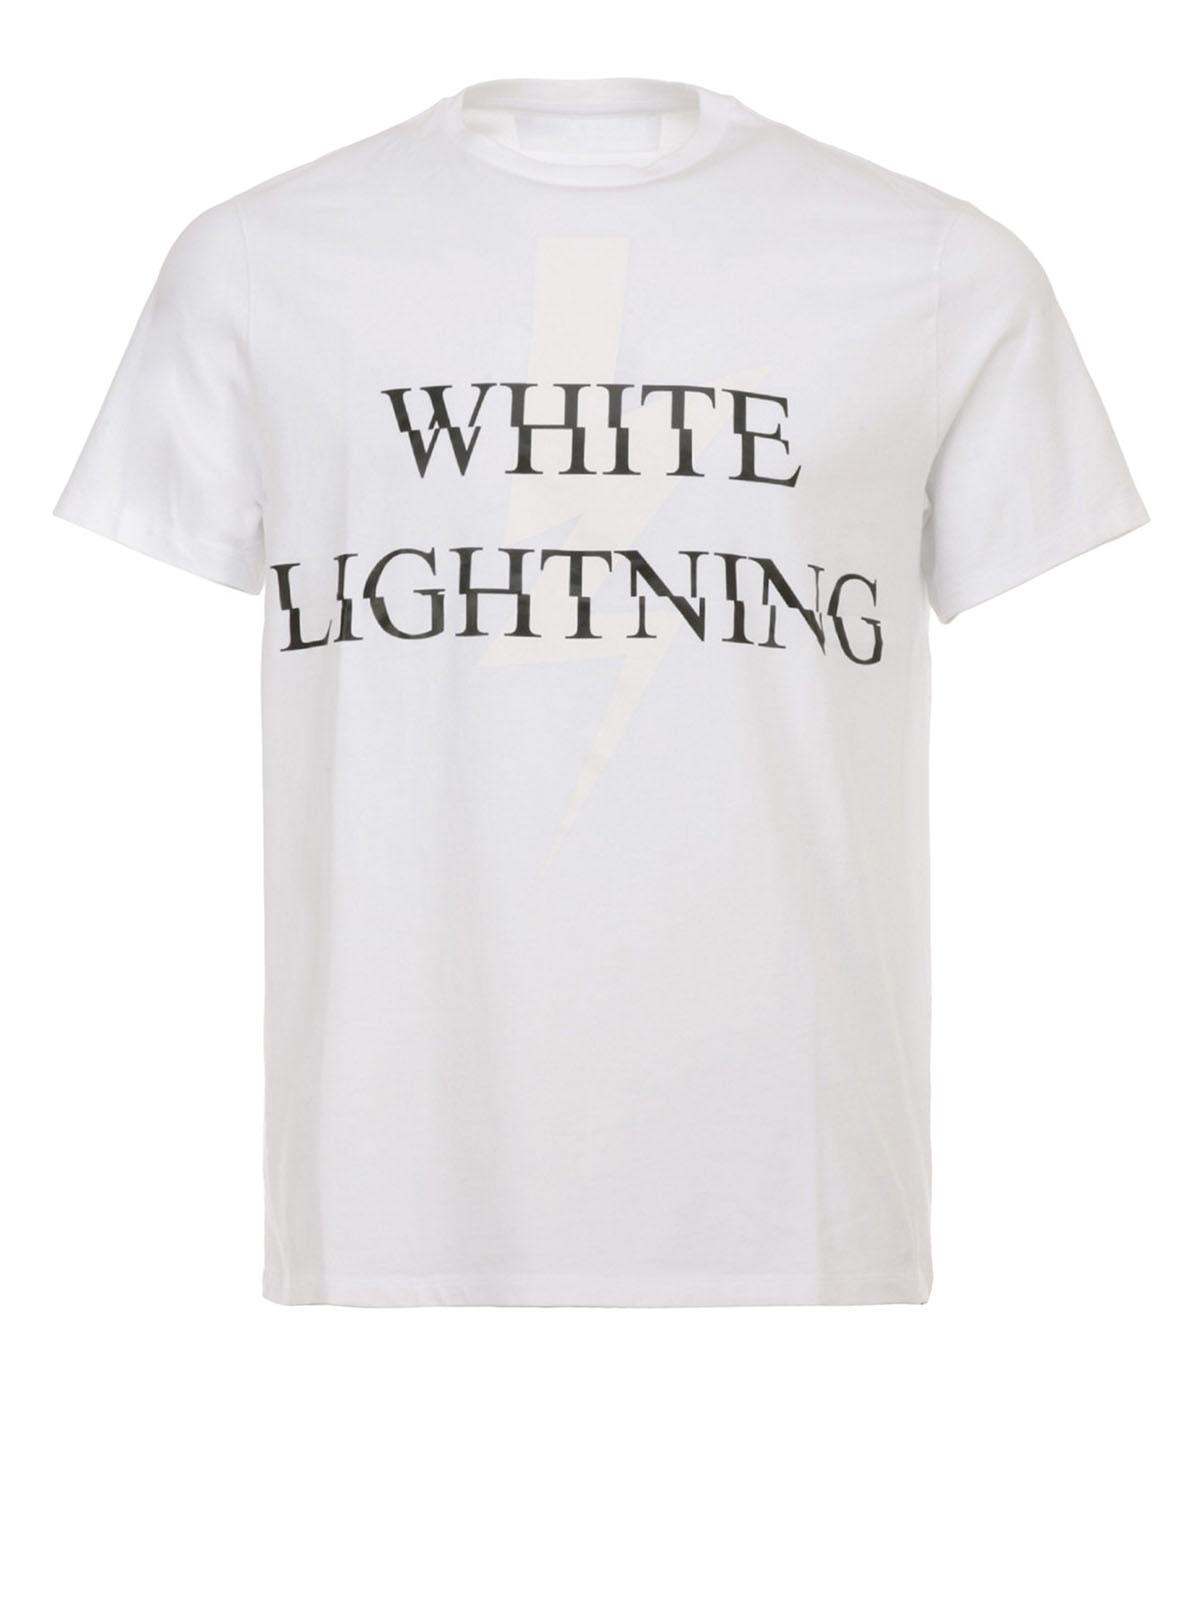 White lightning print t shirt by neil barrett t shirts for White t shirt printing